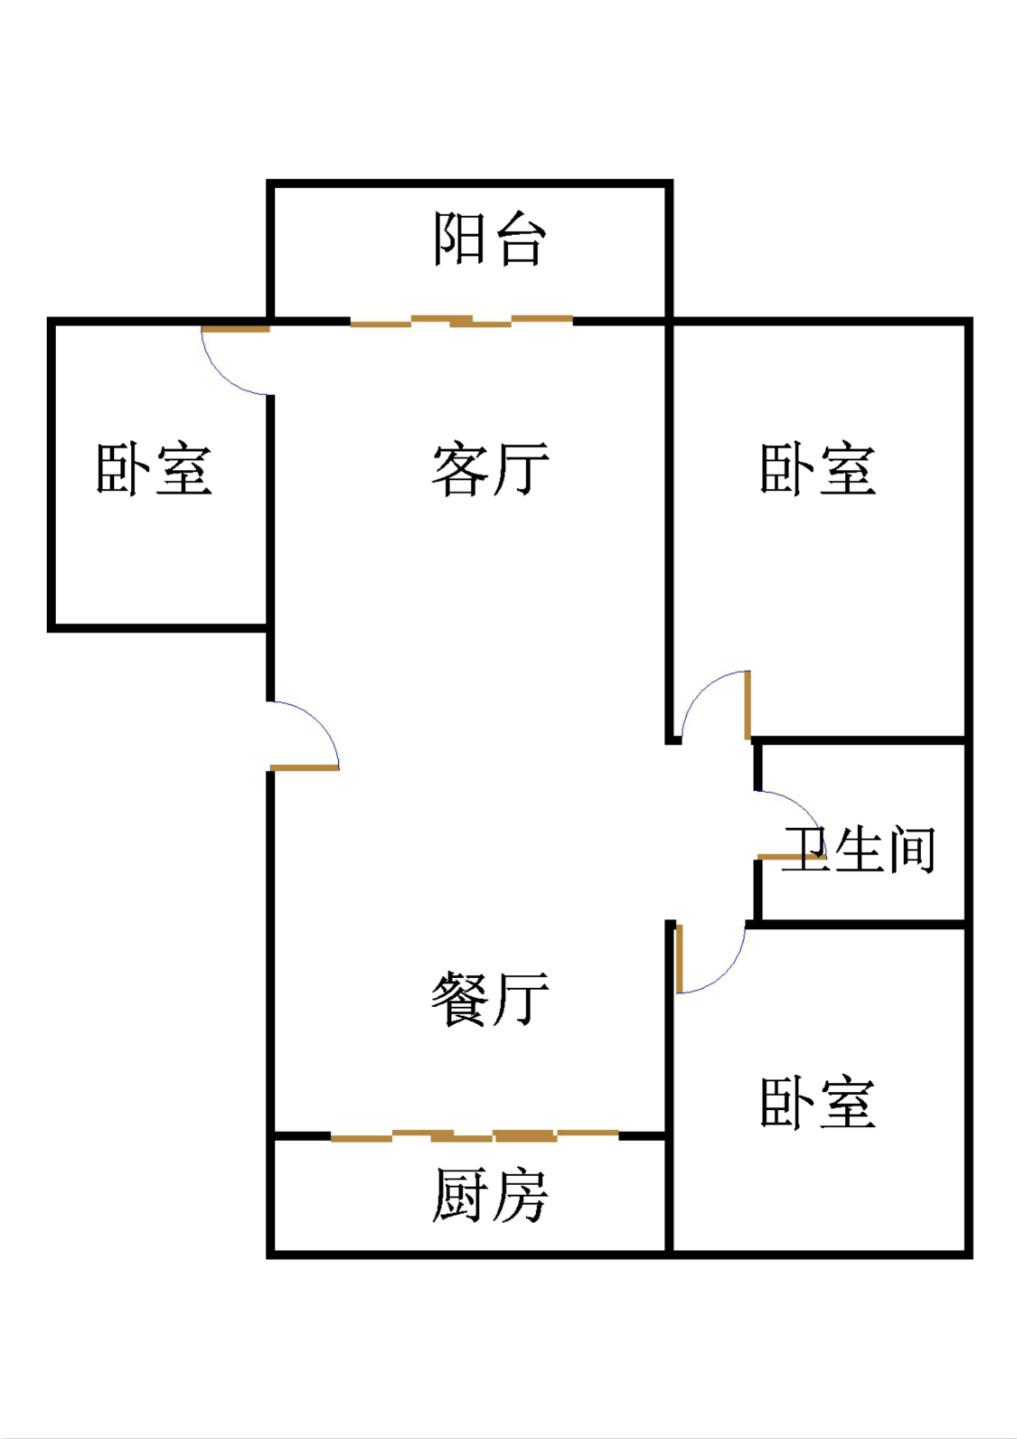 金色雅园 3室2厅 12楼